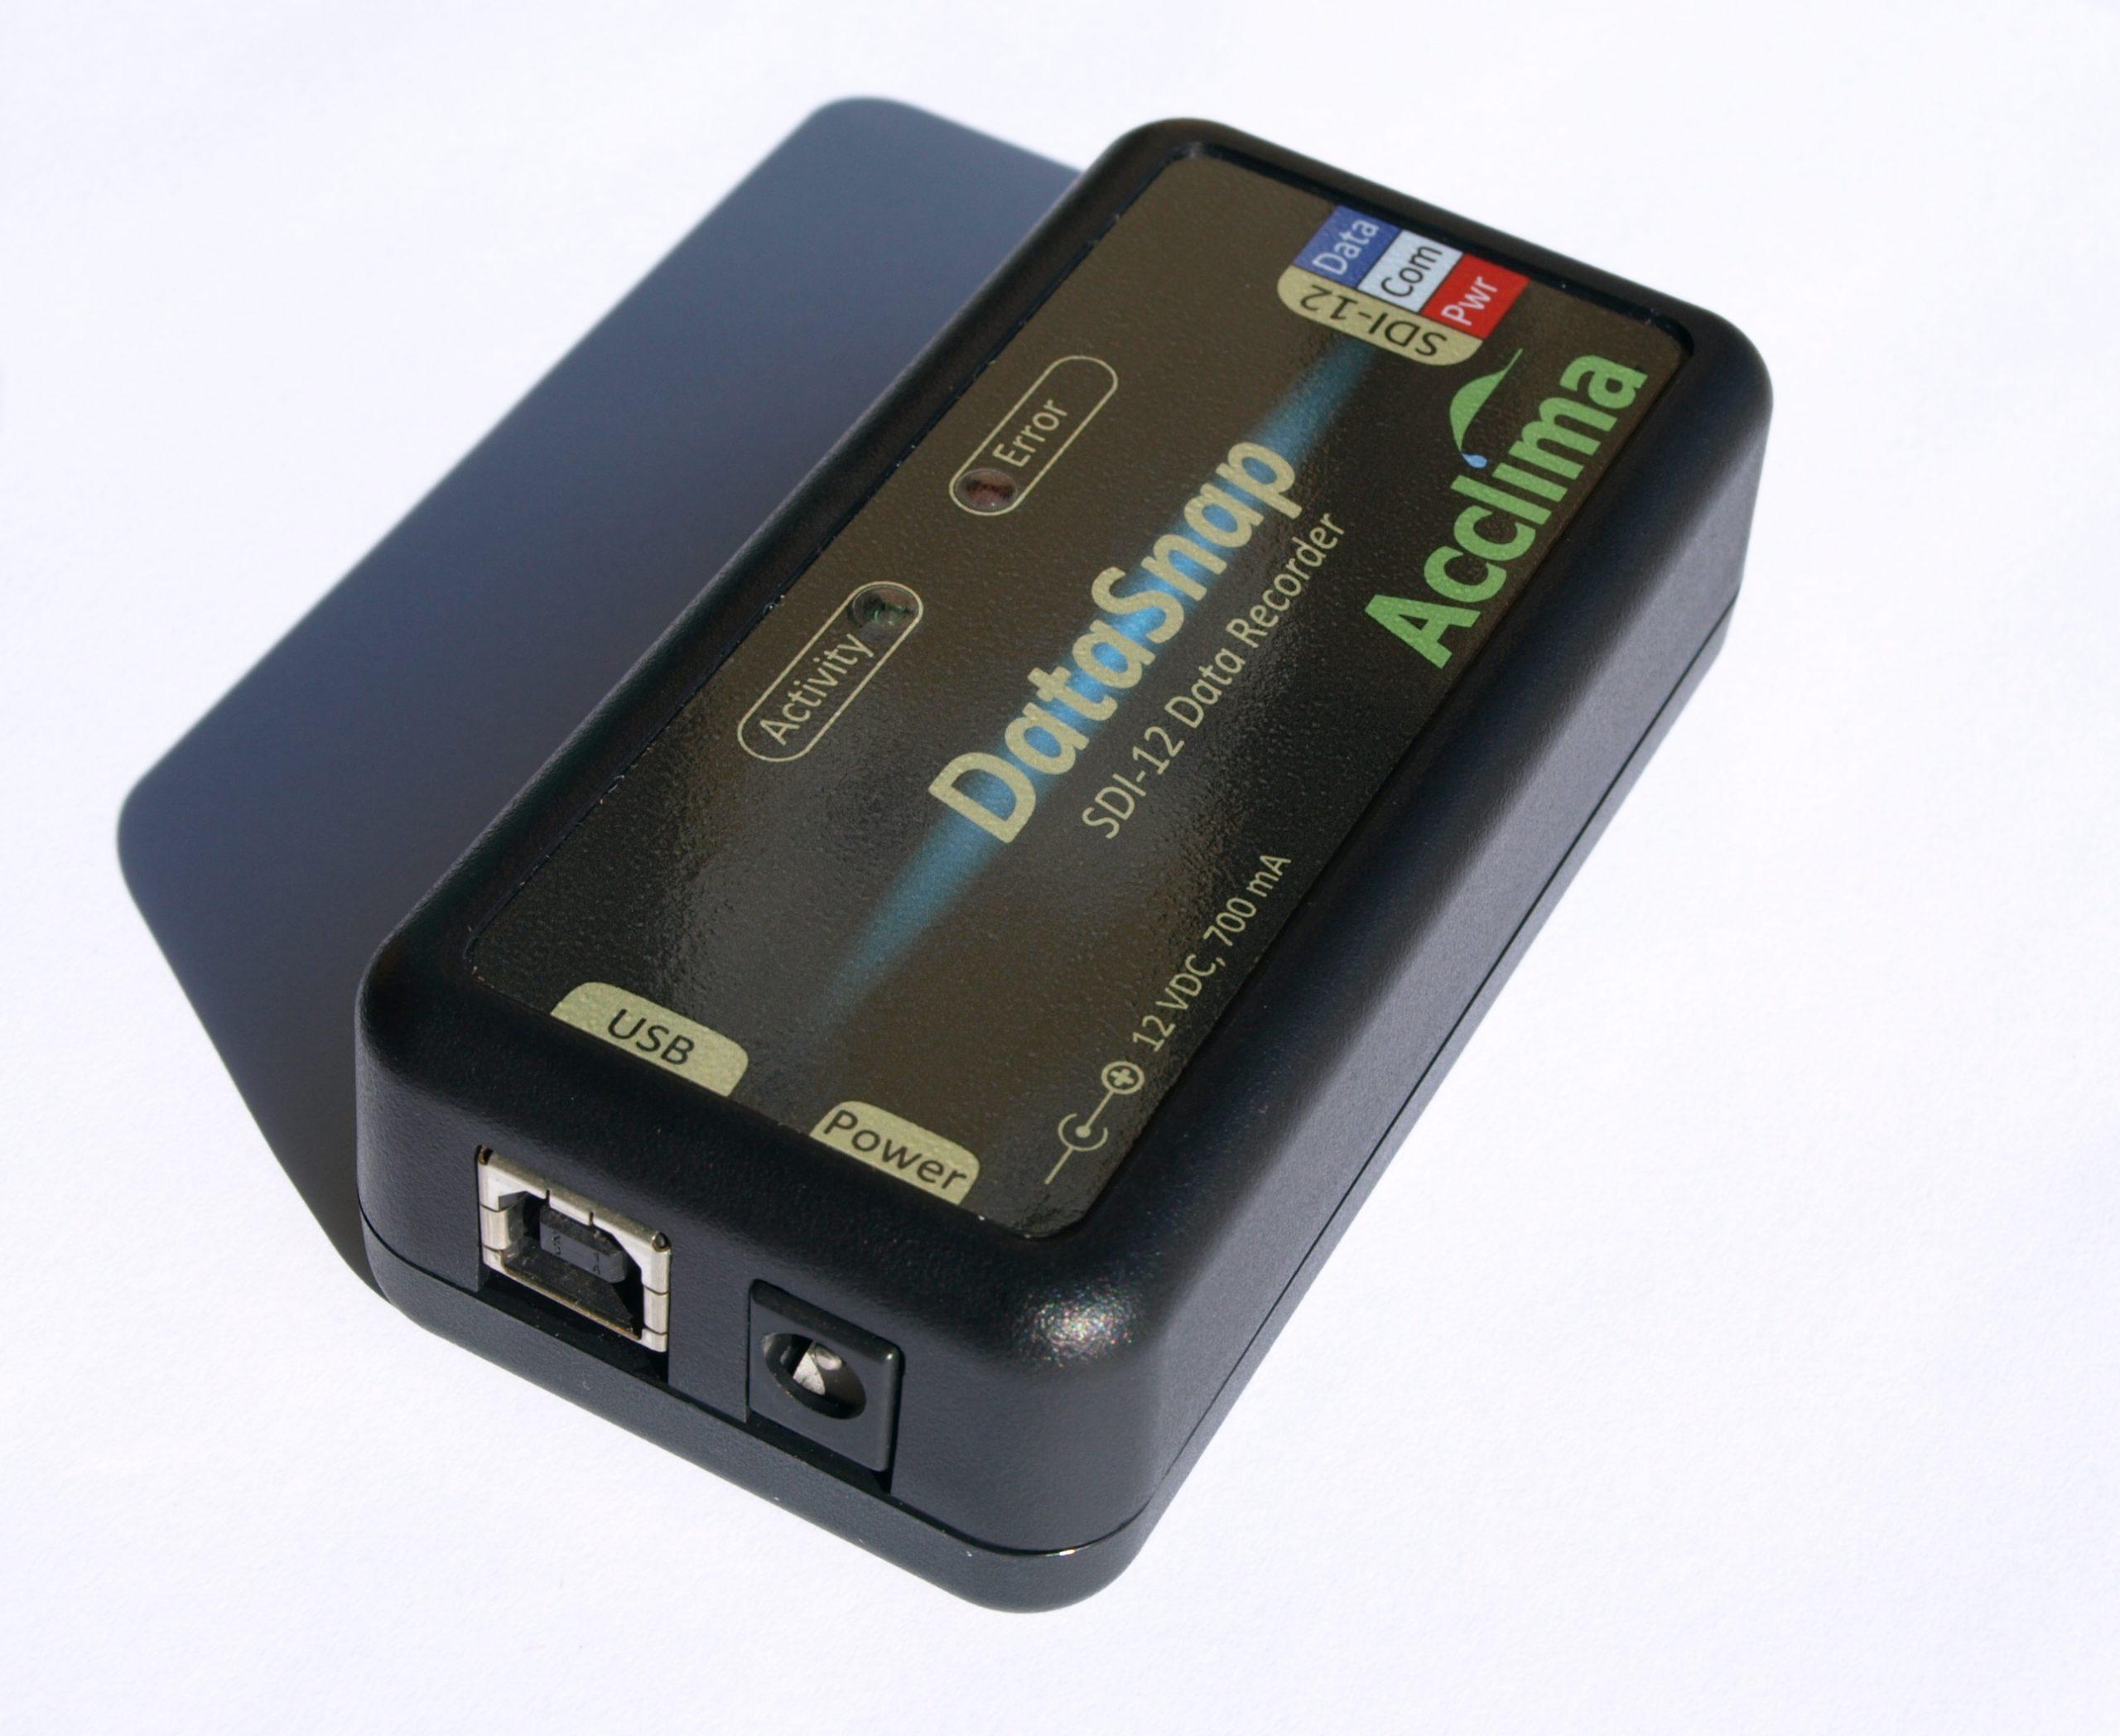 DataSnap SDI-12 Logger